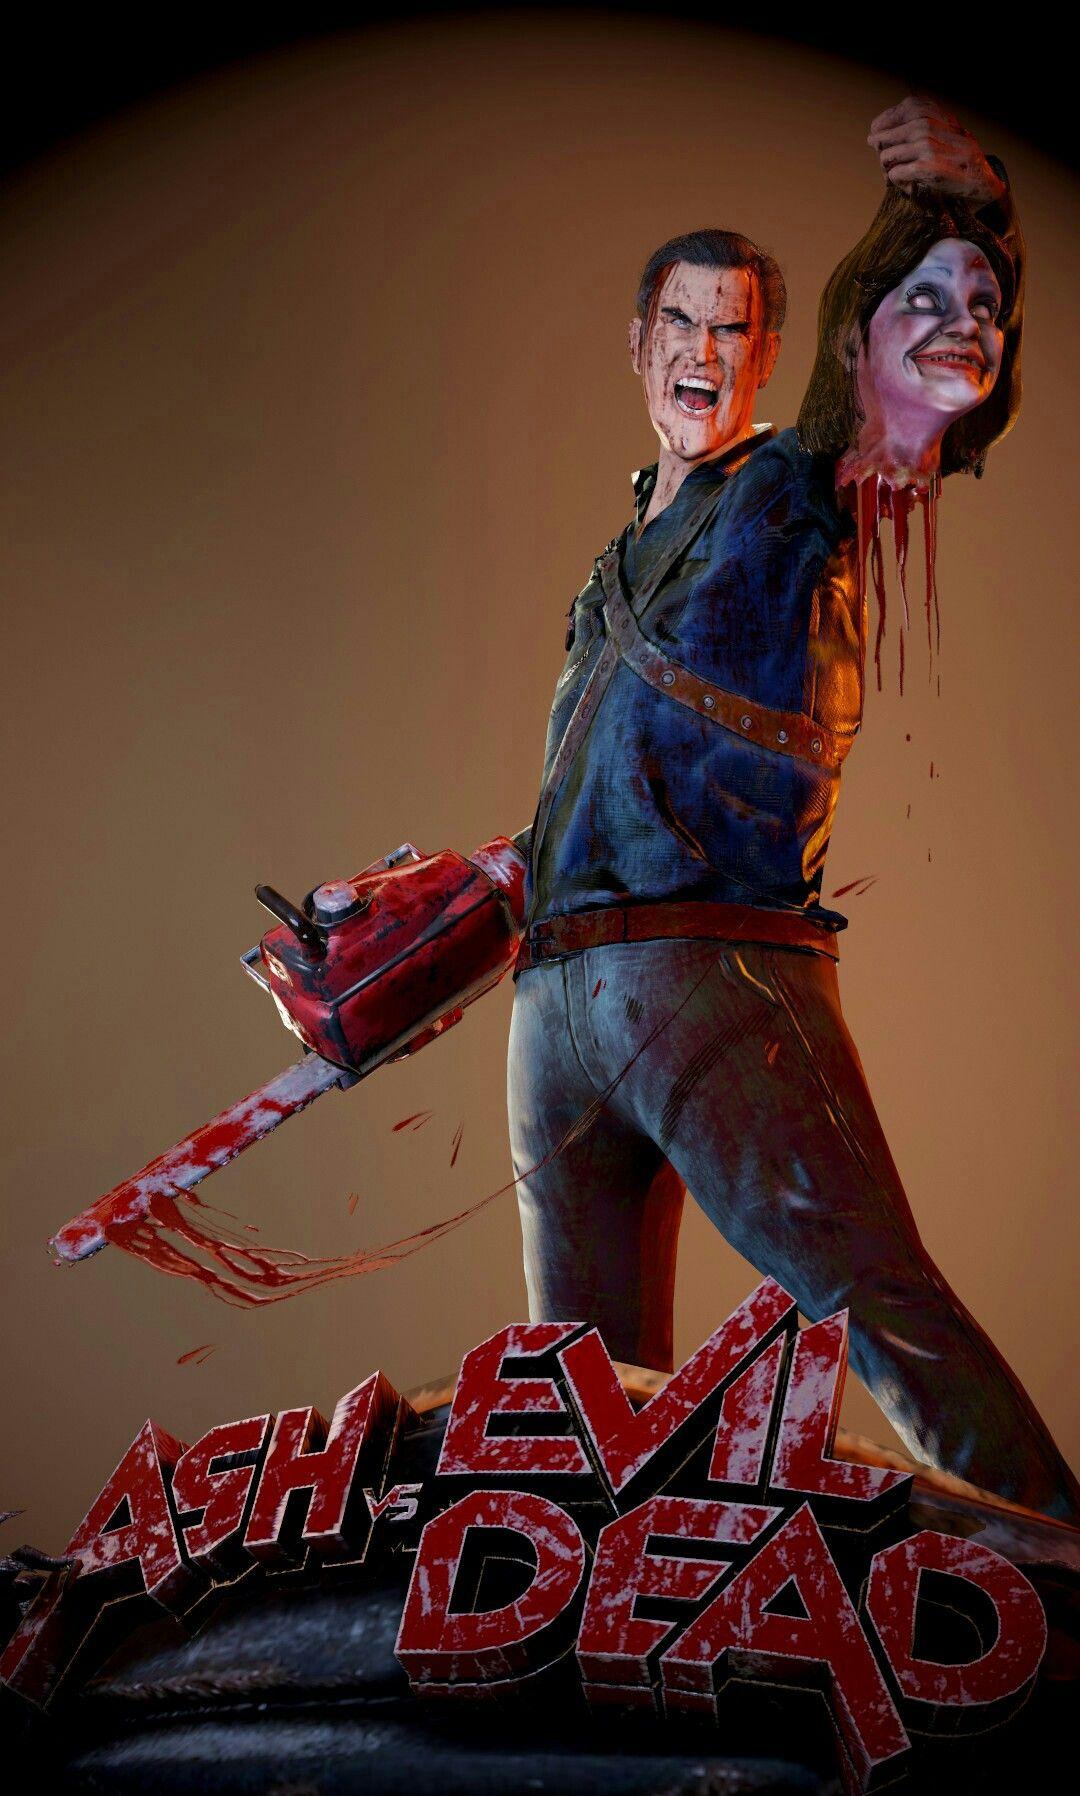 Ash V Evil Dead Evil Dead Movies Horror Movies Memes Horror Movie Art